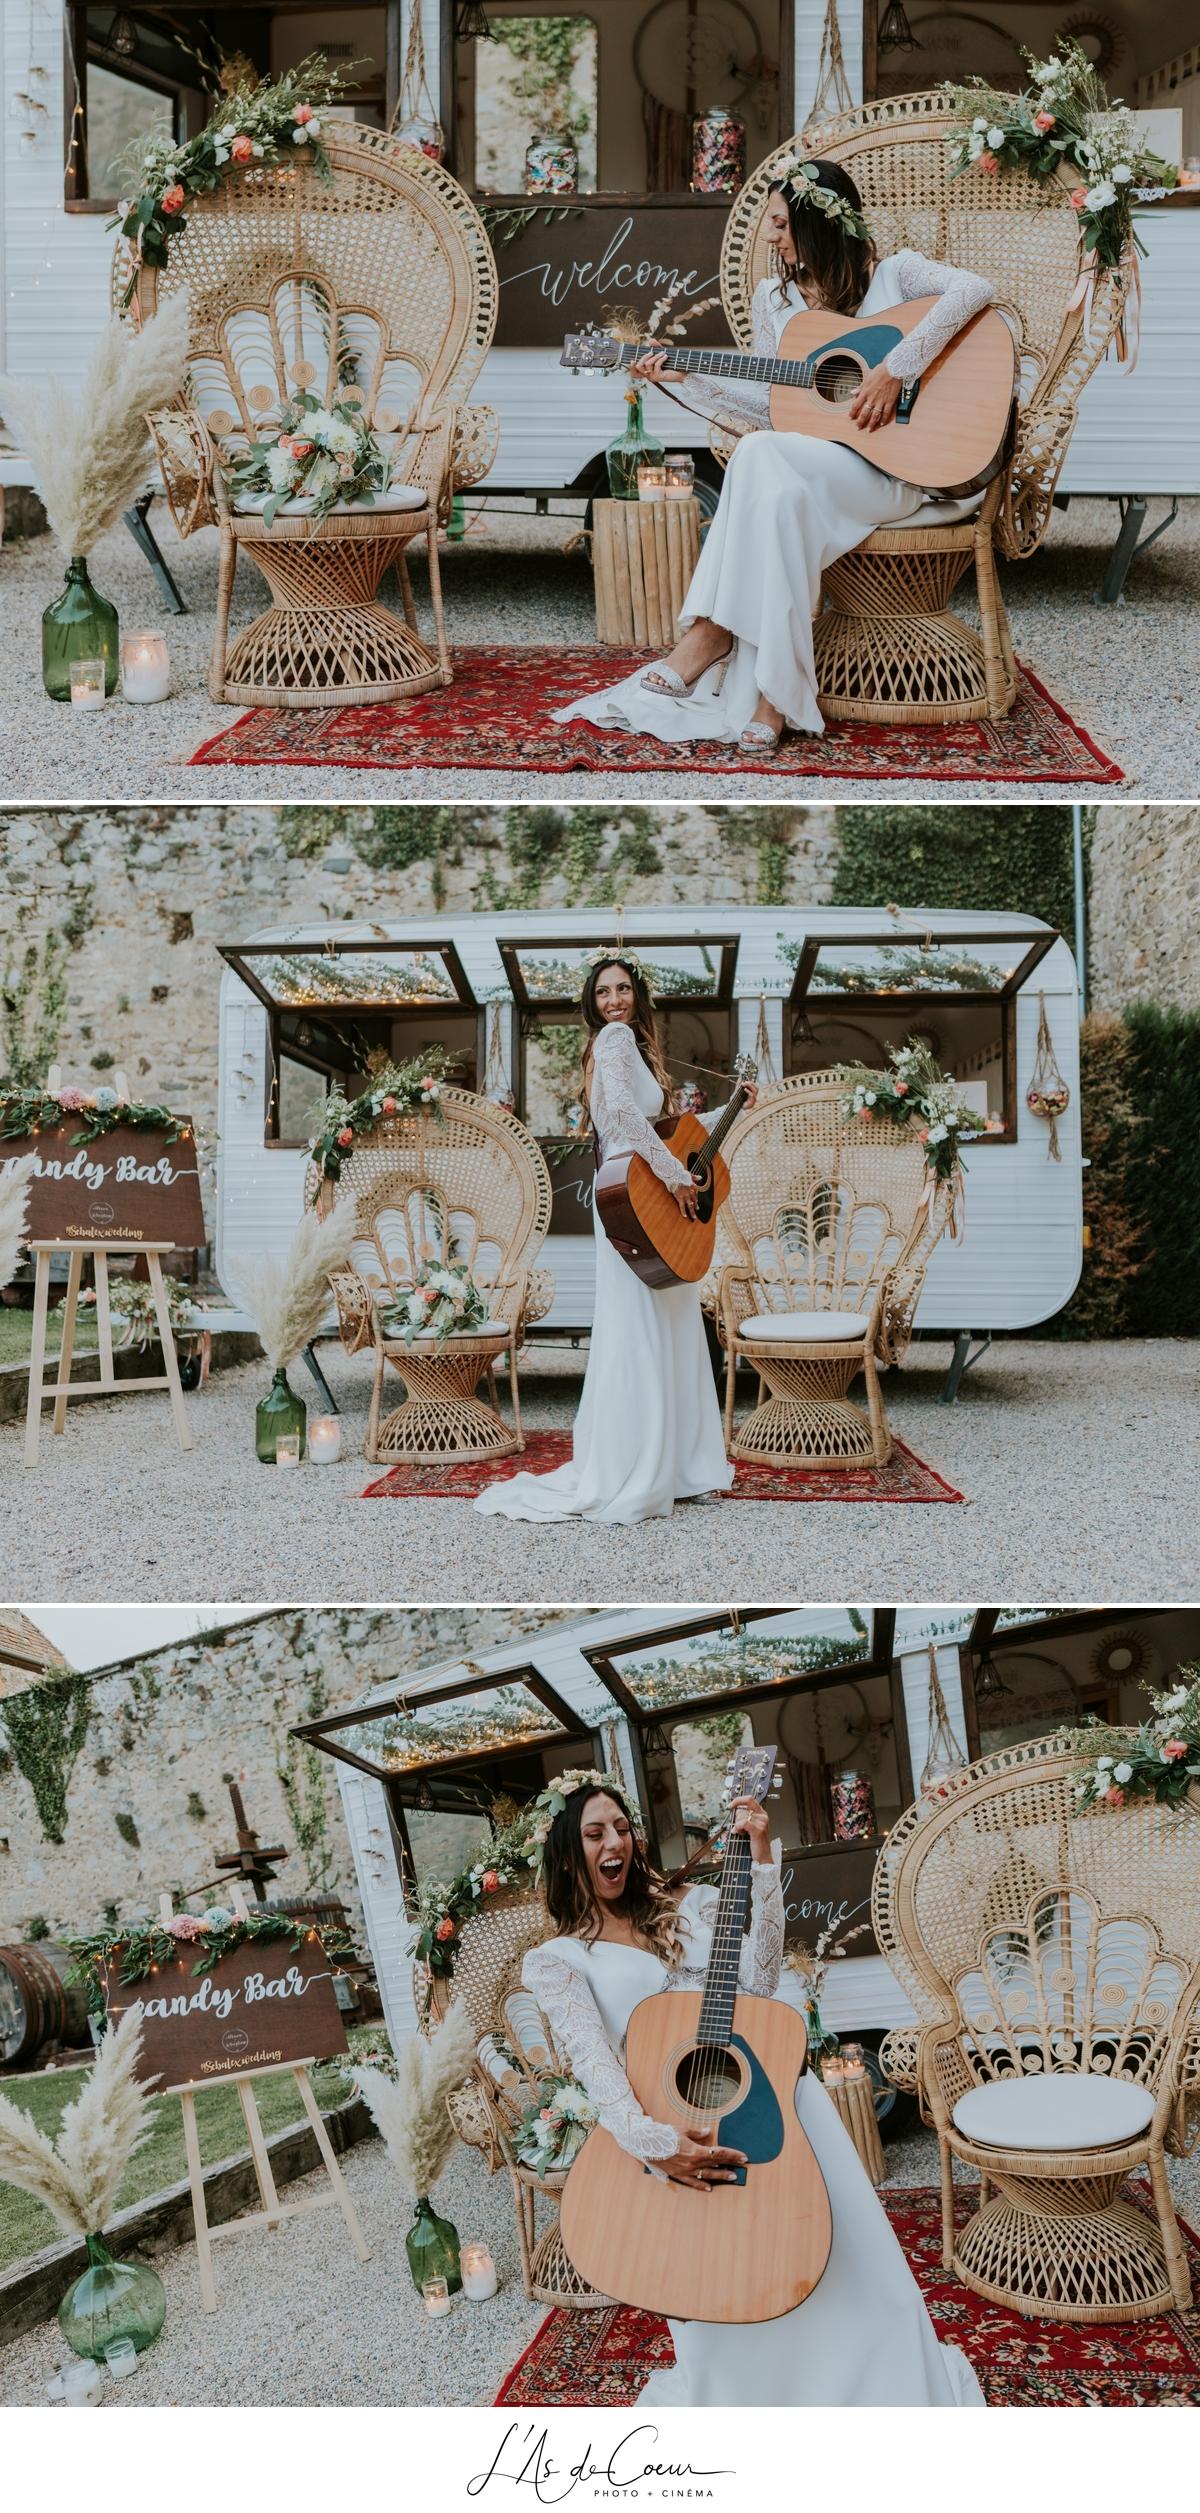 Mariage bohème chic decor caravane fauteuil Emmanuelle château de la Gallée photographe Mariage Lyon ©lasdecoeur